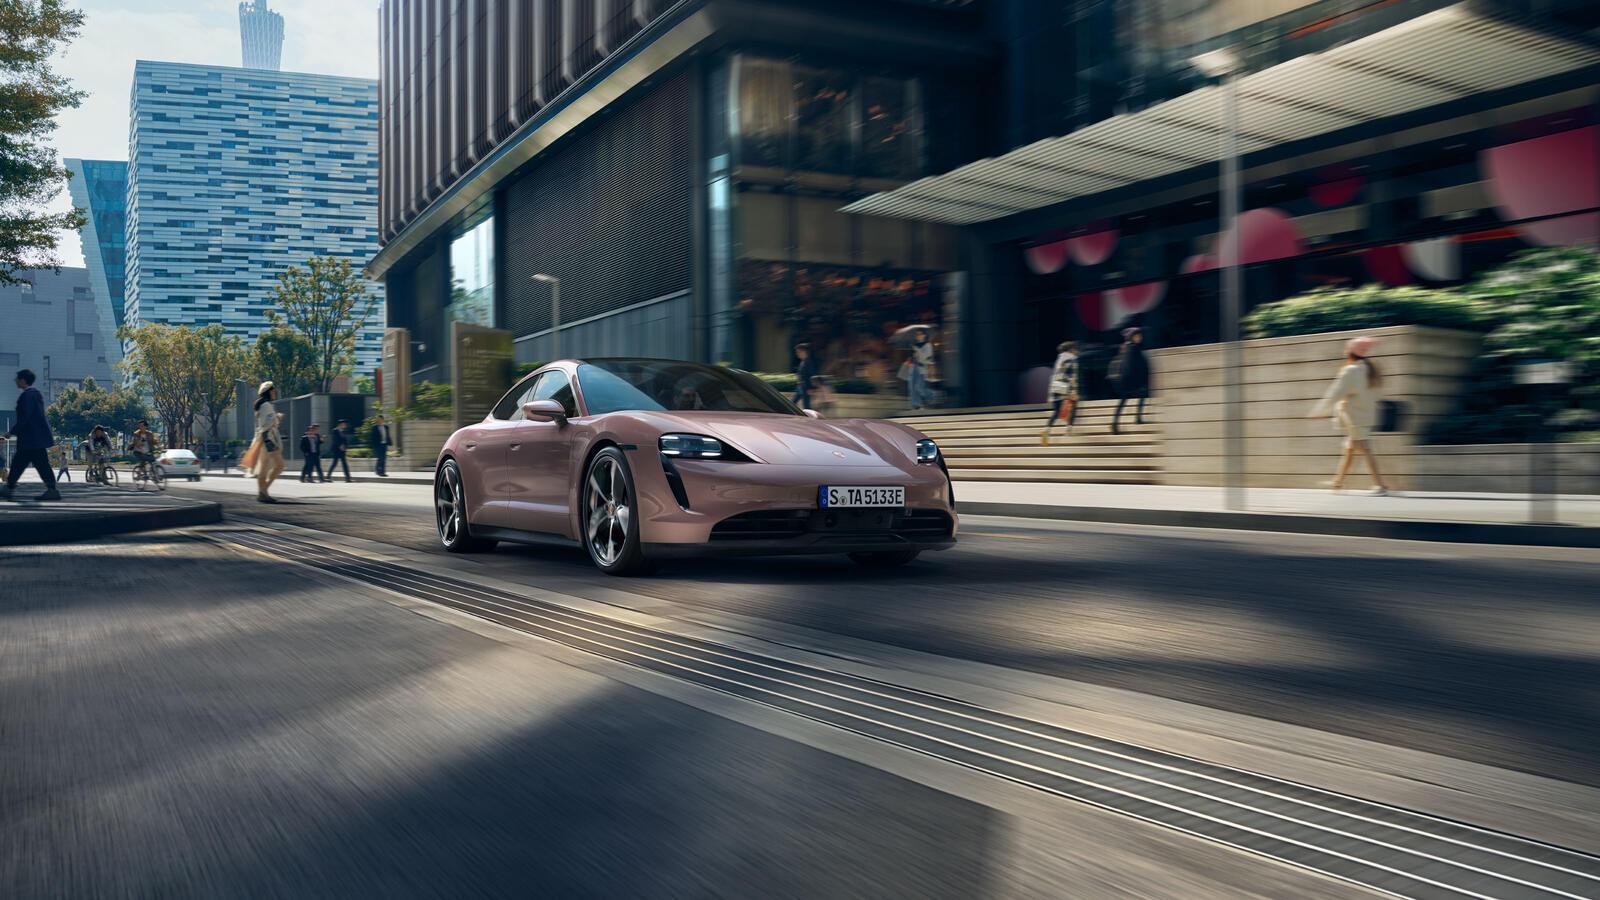 Porsche - Taycan Turbo - Suutlikkus